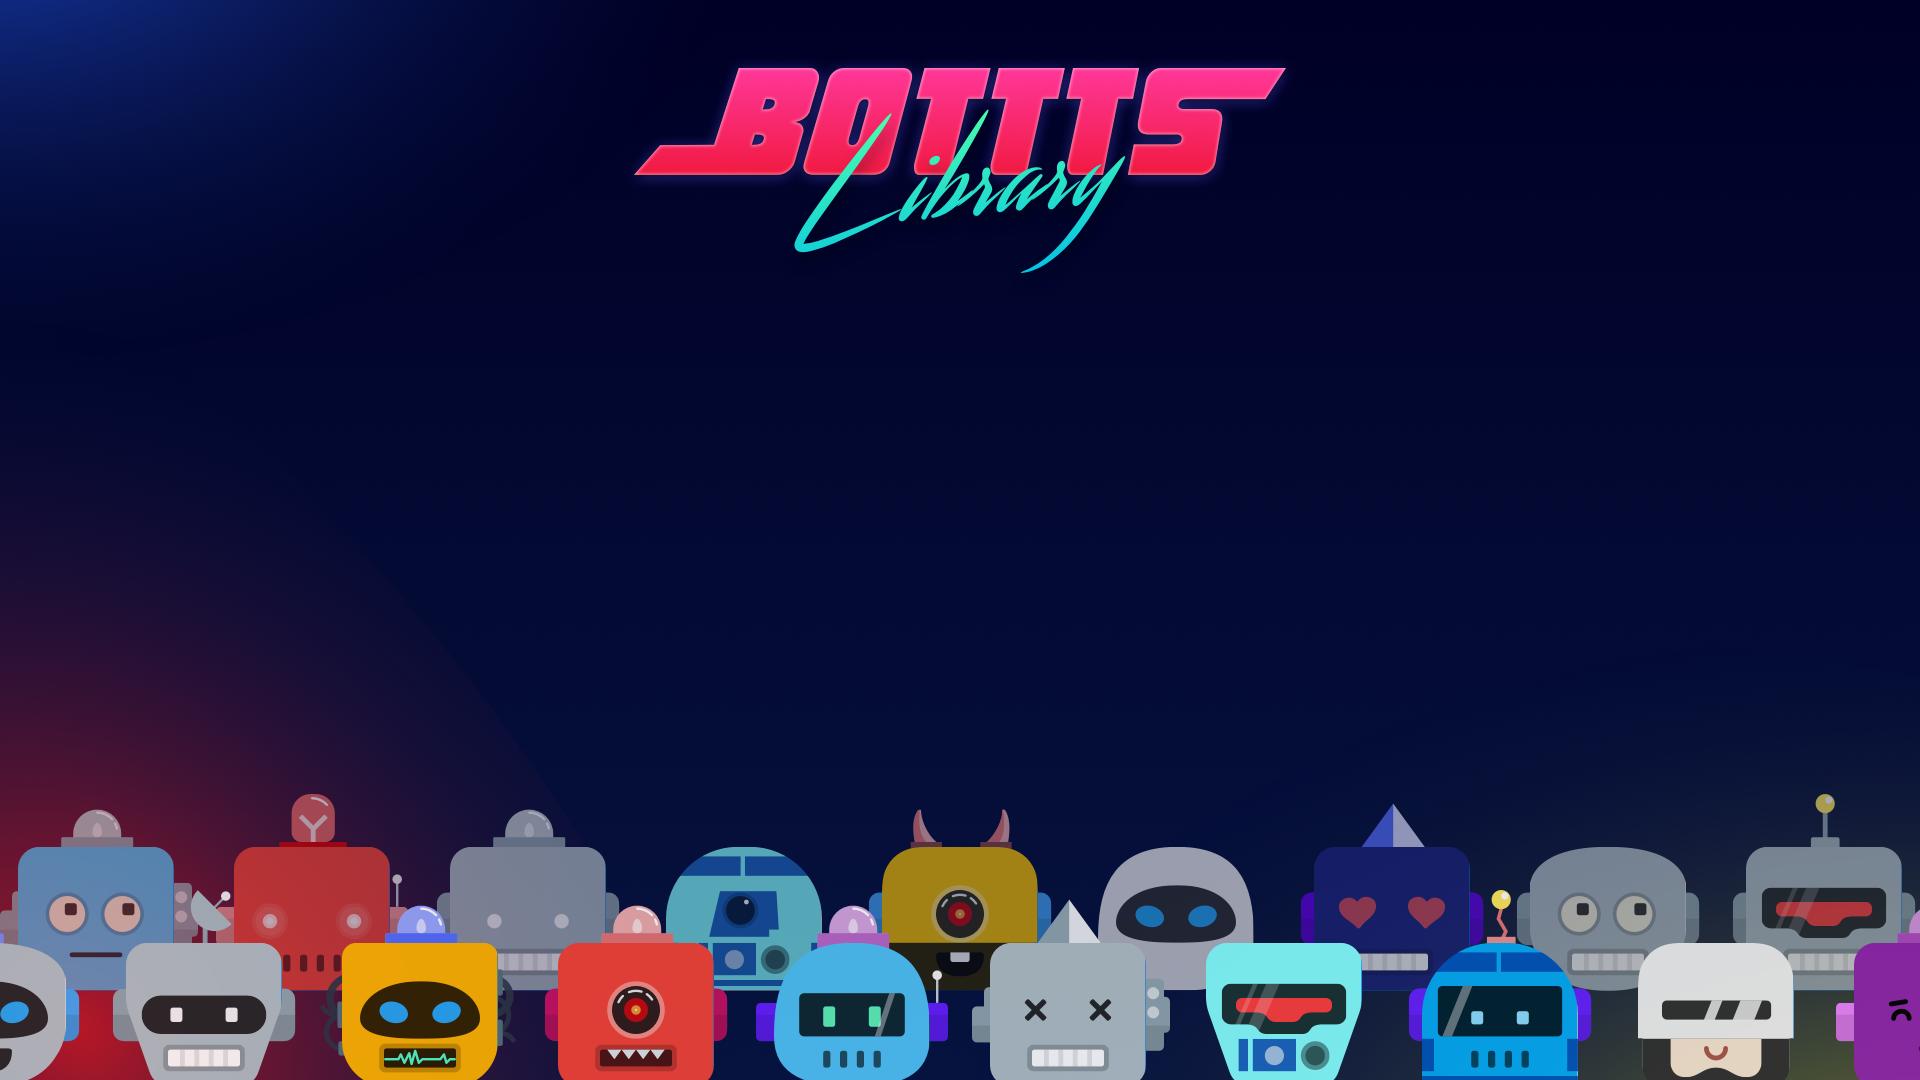 Bottts